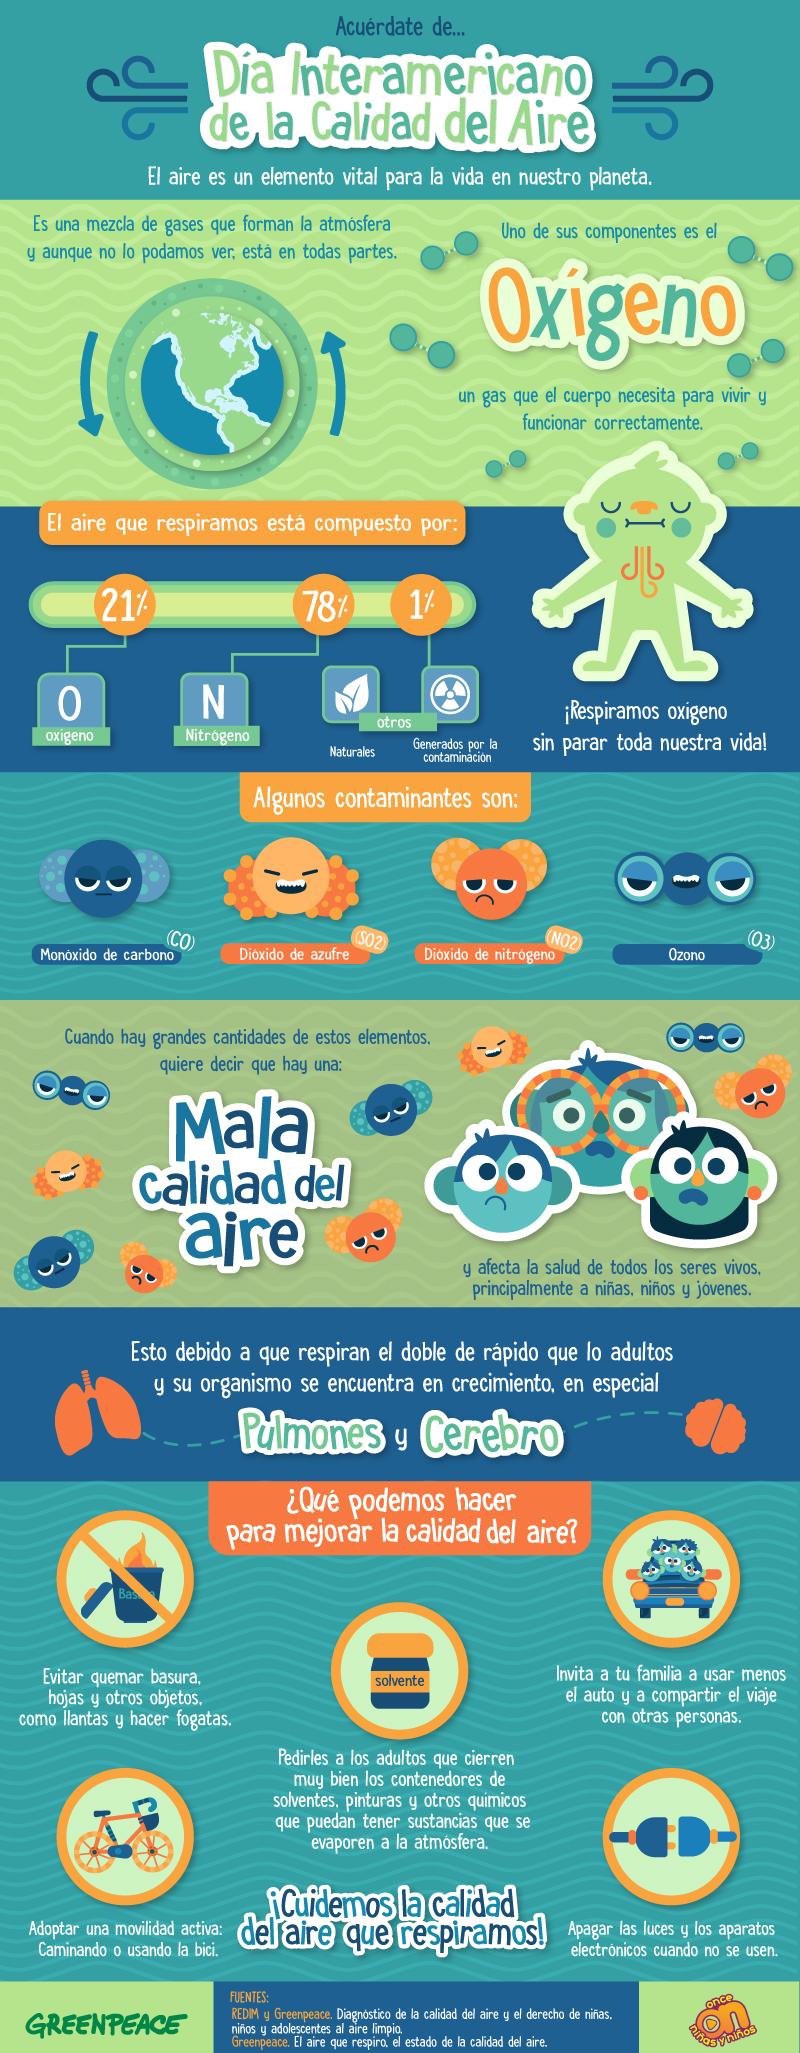 Día Interamericano de la calidad del aire.  Agosto